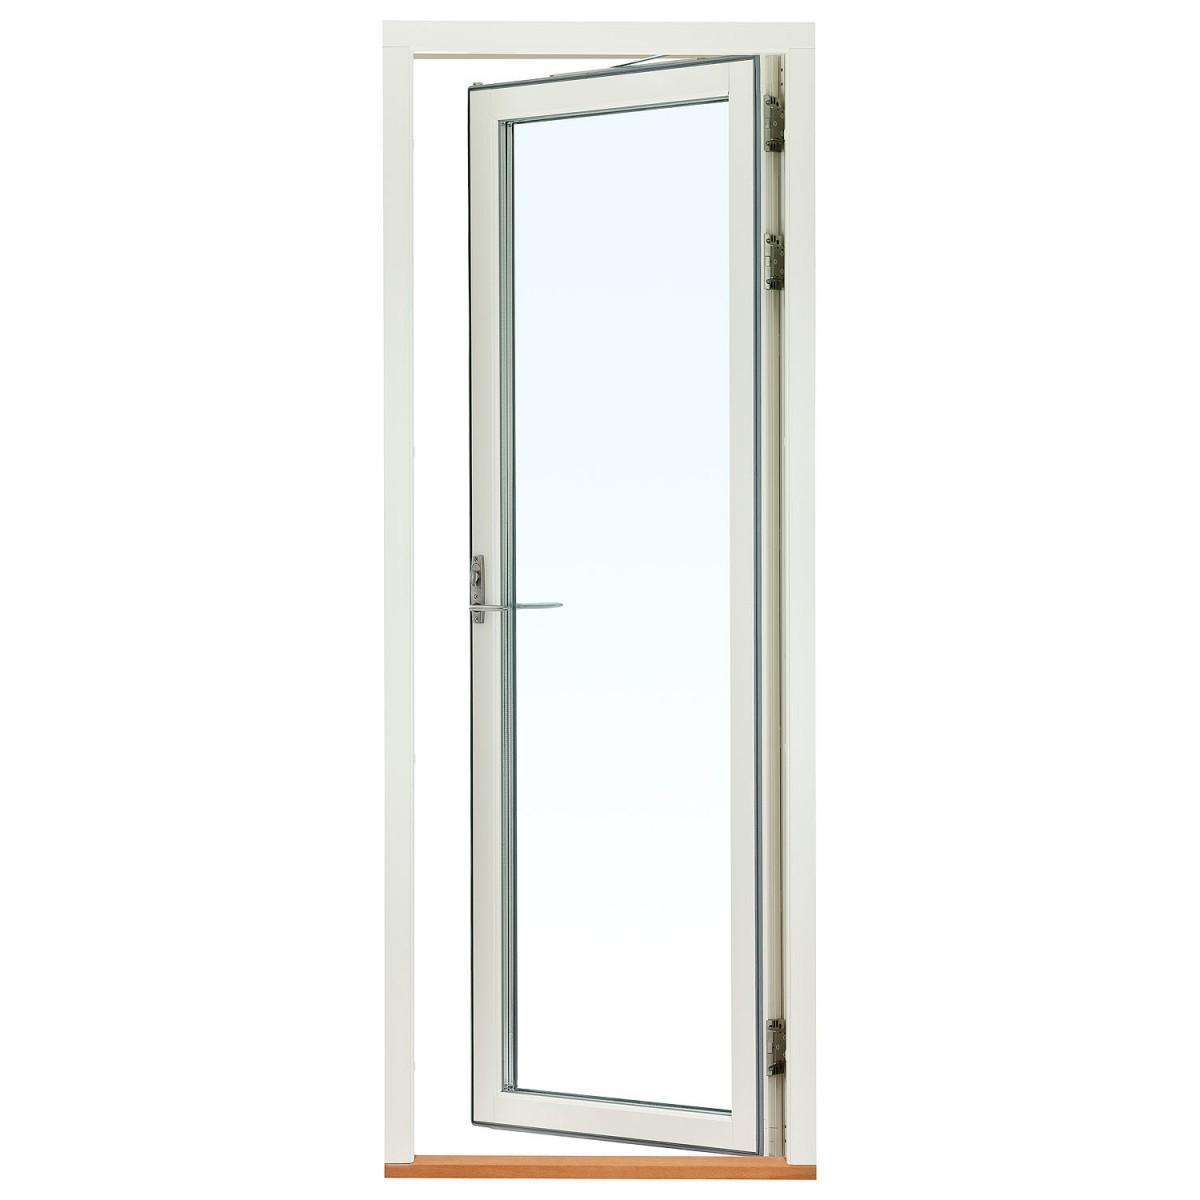 SP fönster - Fönsterverket.se